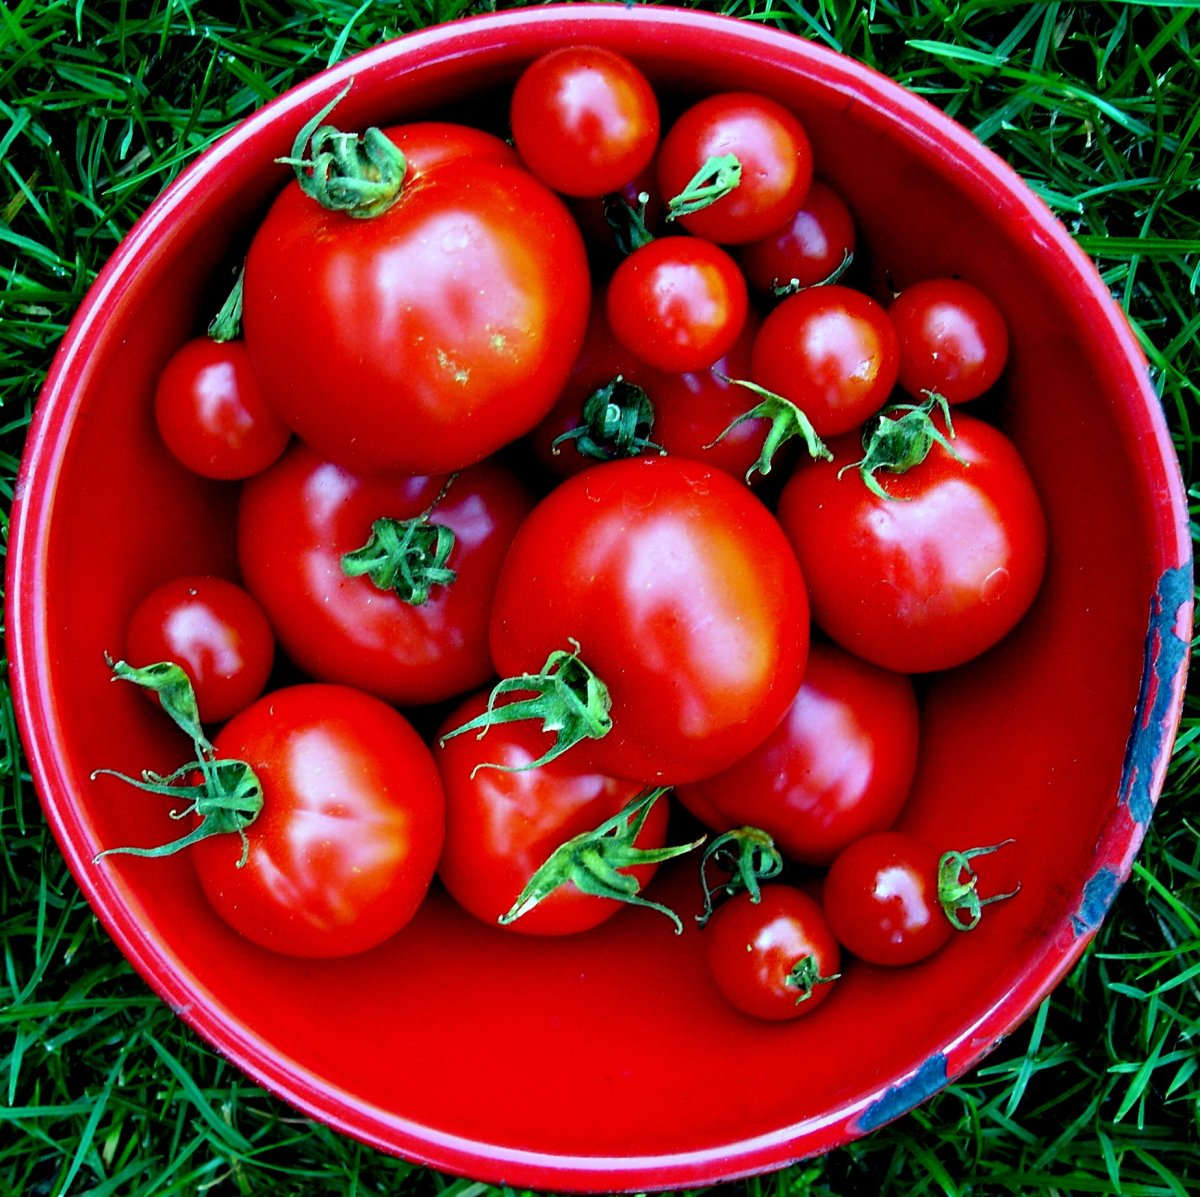 Jacki Dougan tomato in square